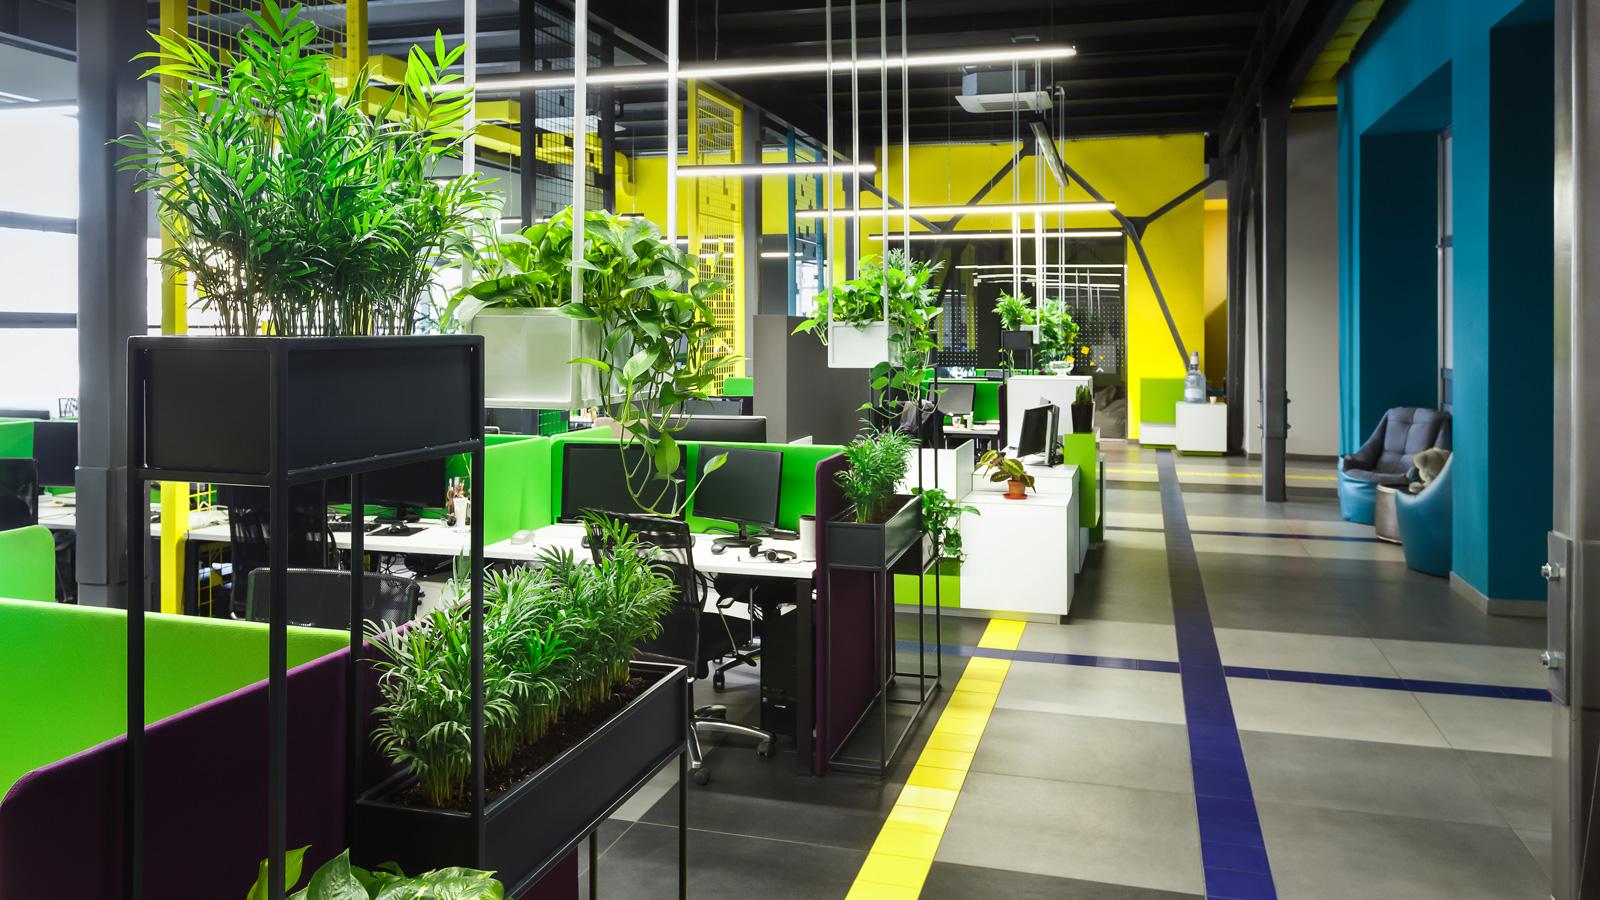 10 roślin które POPRAWIĄ ATMOSFERĘ w biurze Biuro mediarun biuro rosliny 2020